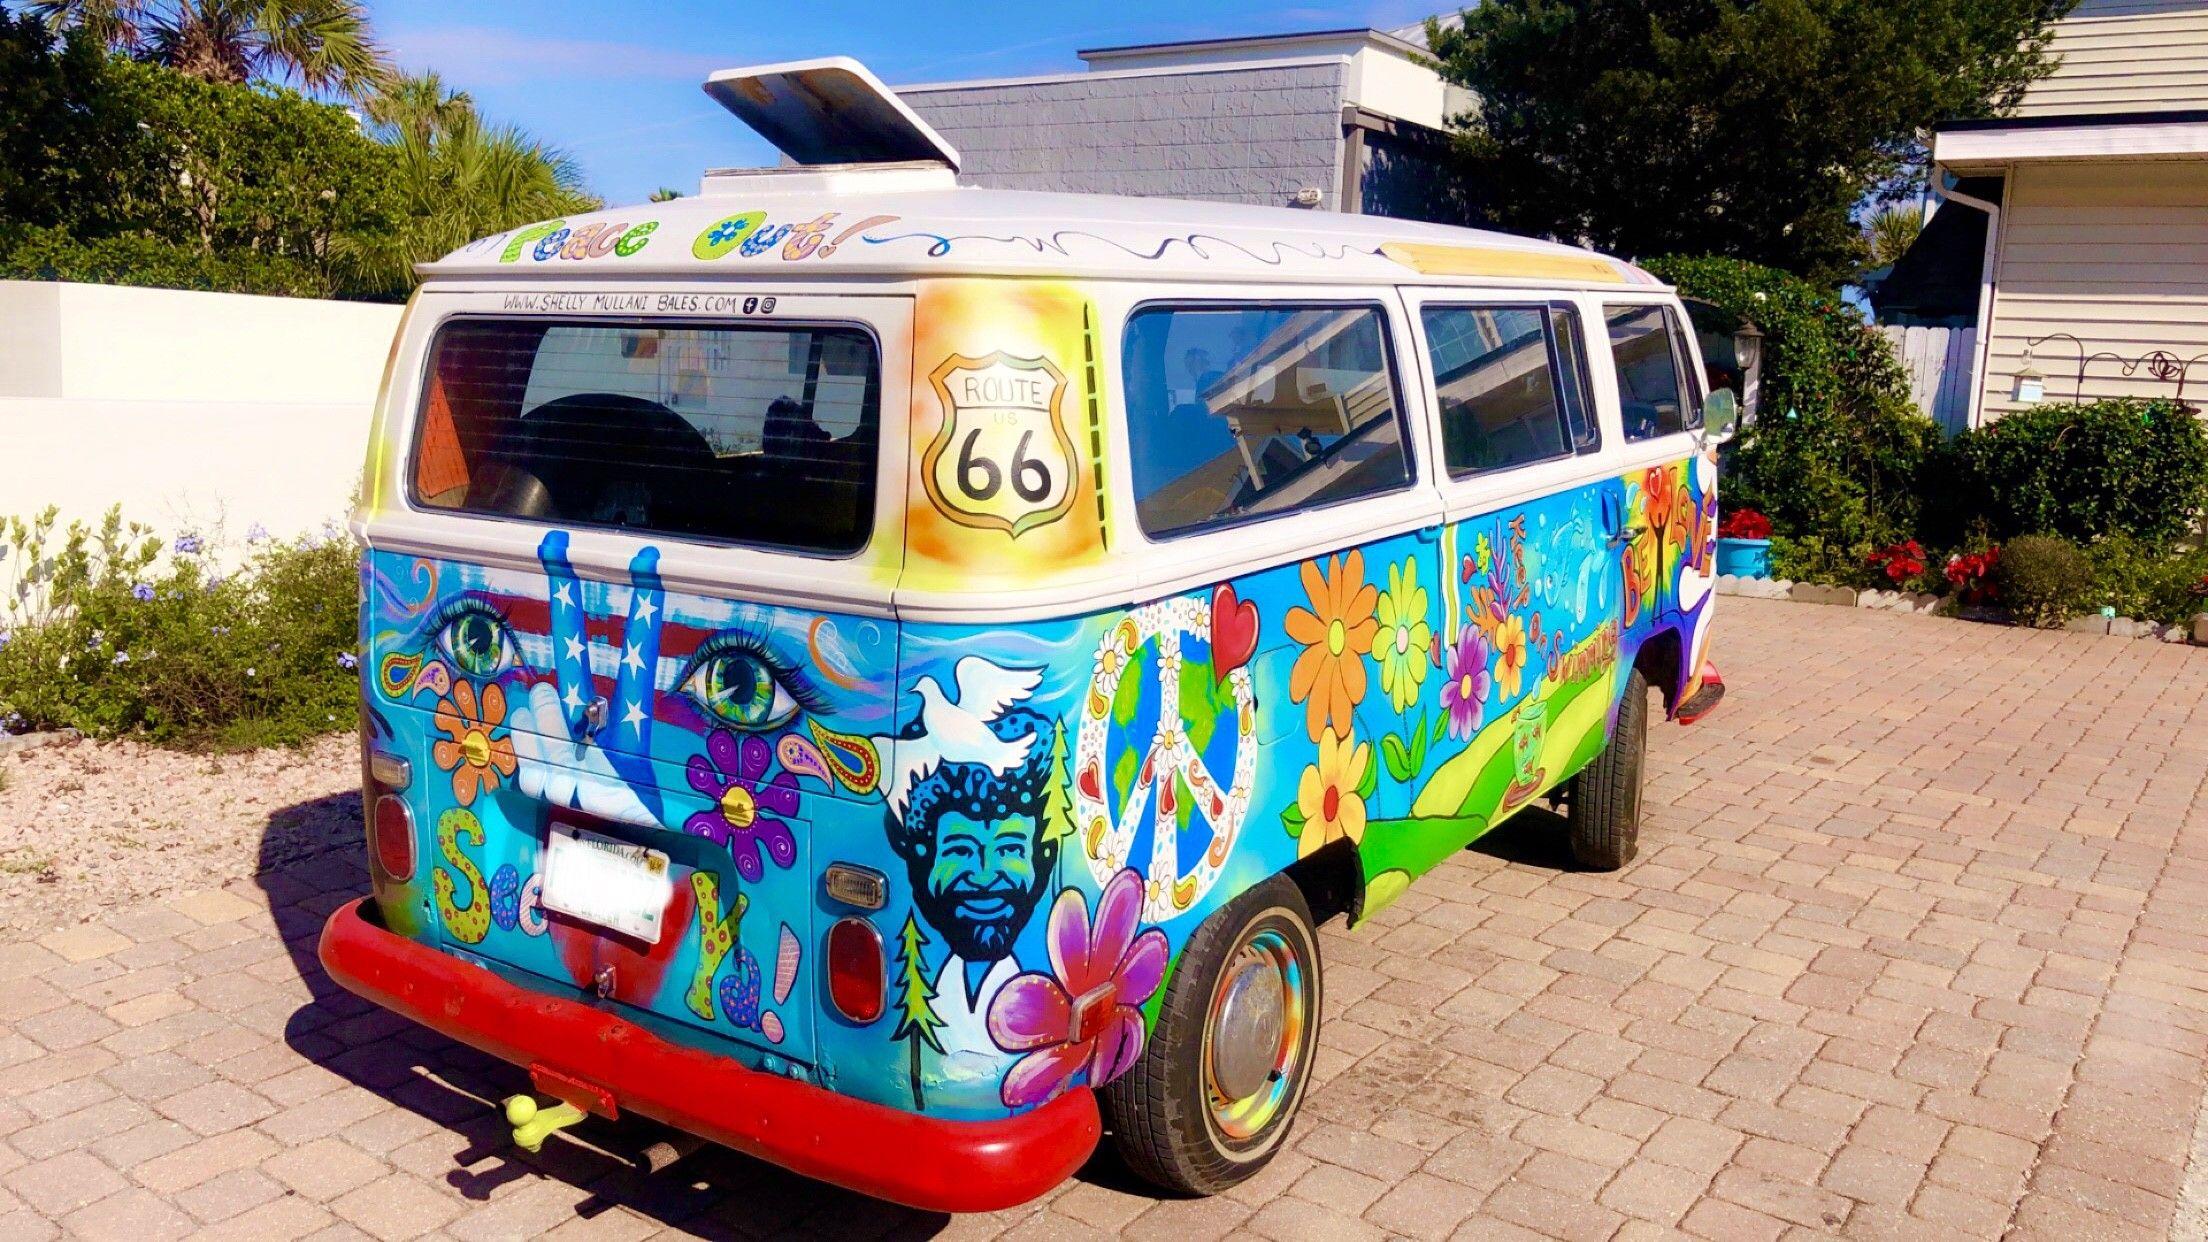 1971 Volkswagen Vans For Sale In Neptune Beach Florida 32266 On Classics On Autotrader Volkswagen Vans Volkswagen Volkswagen Van